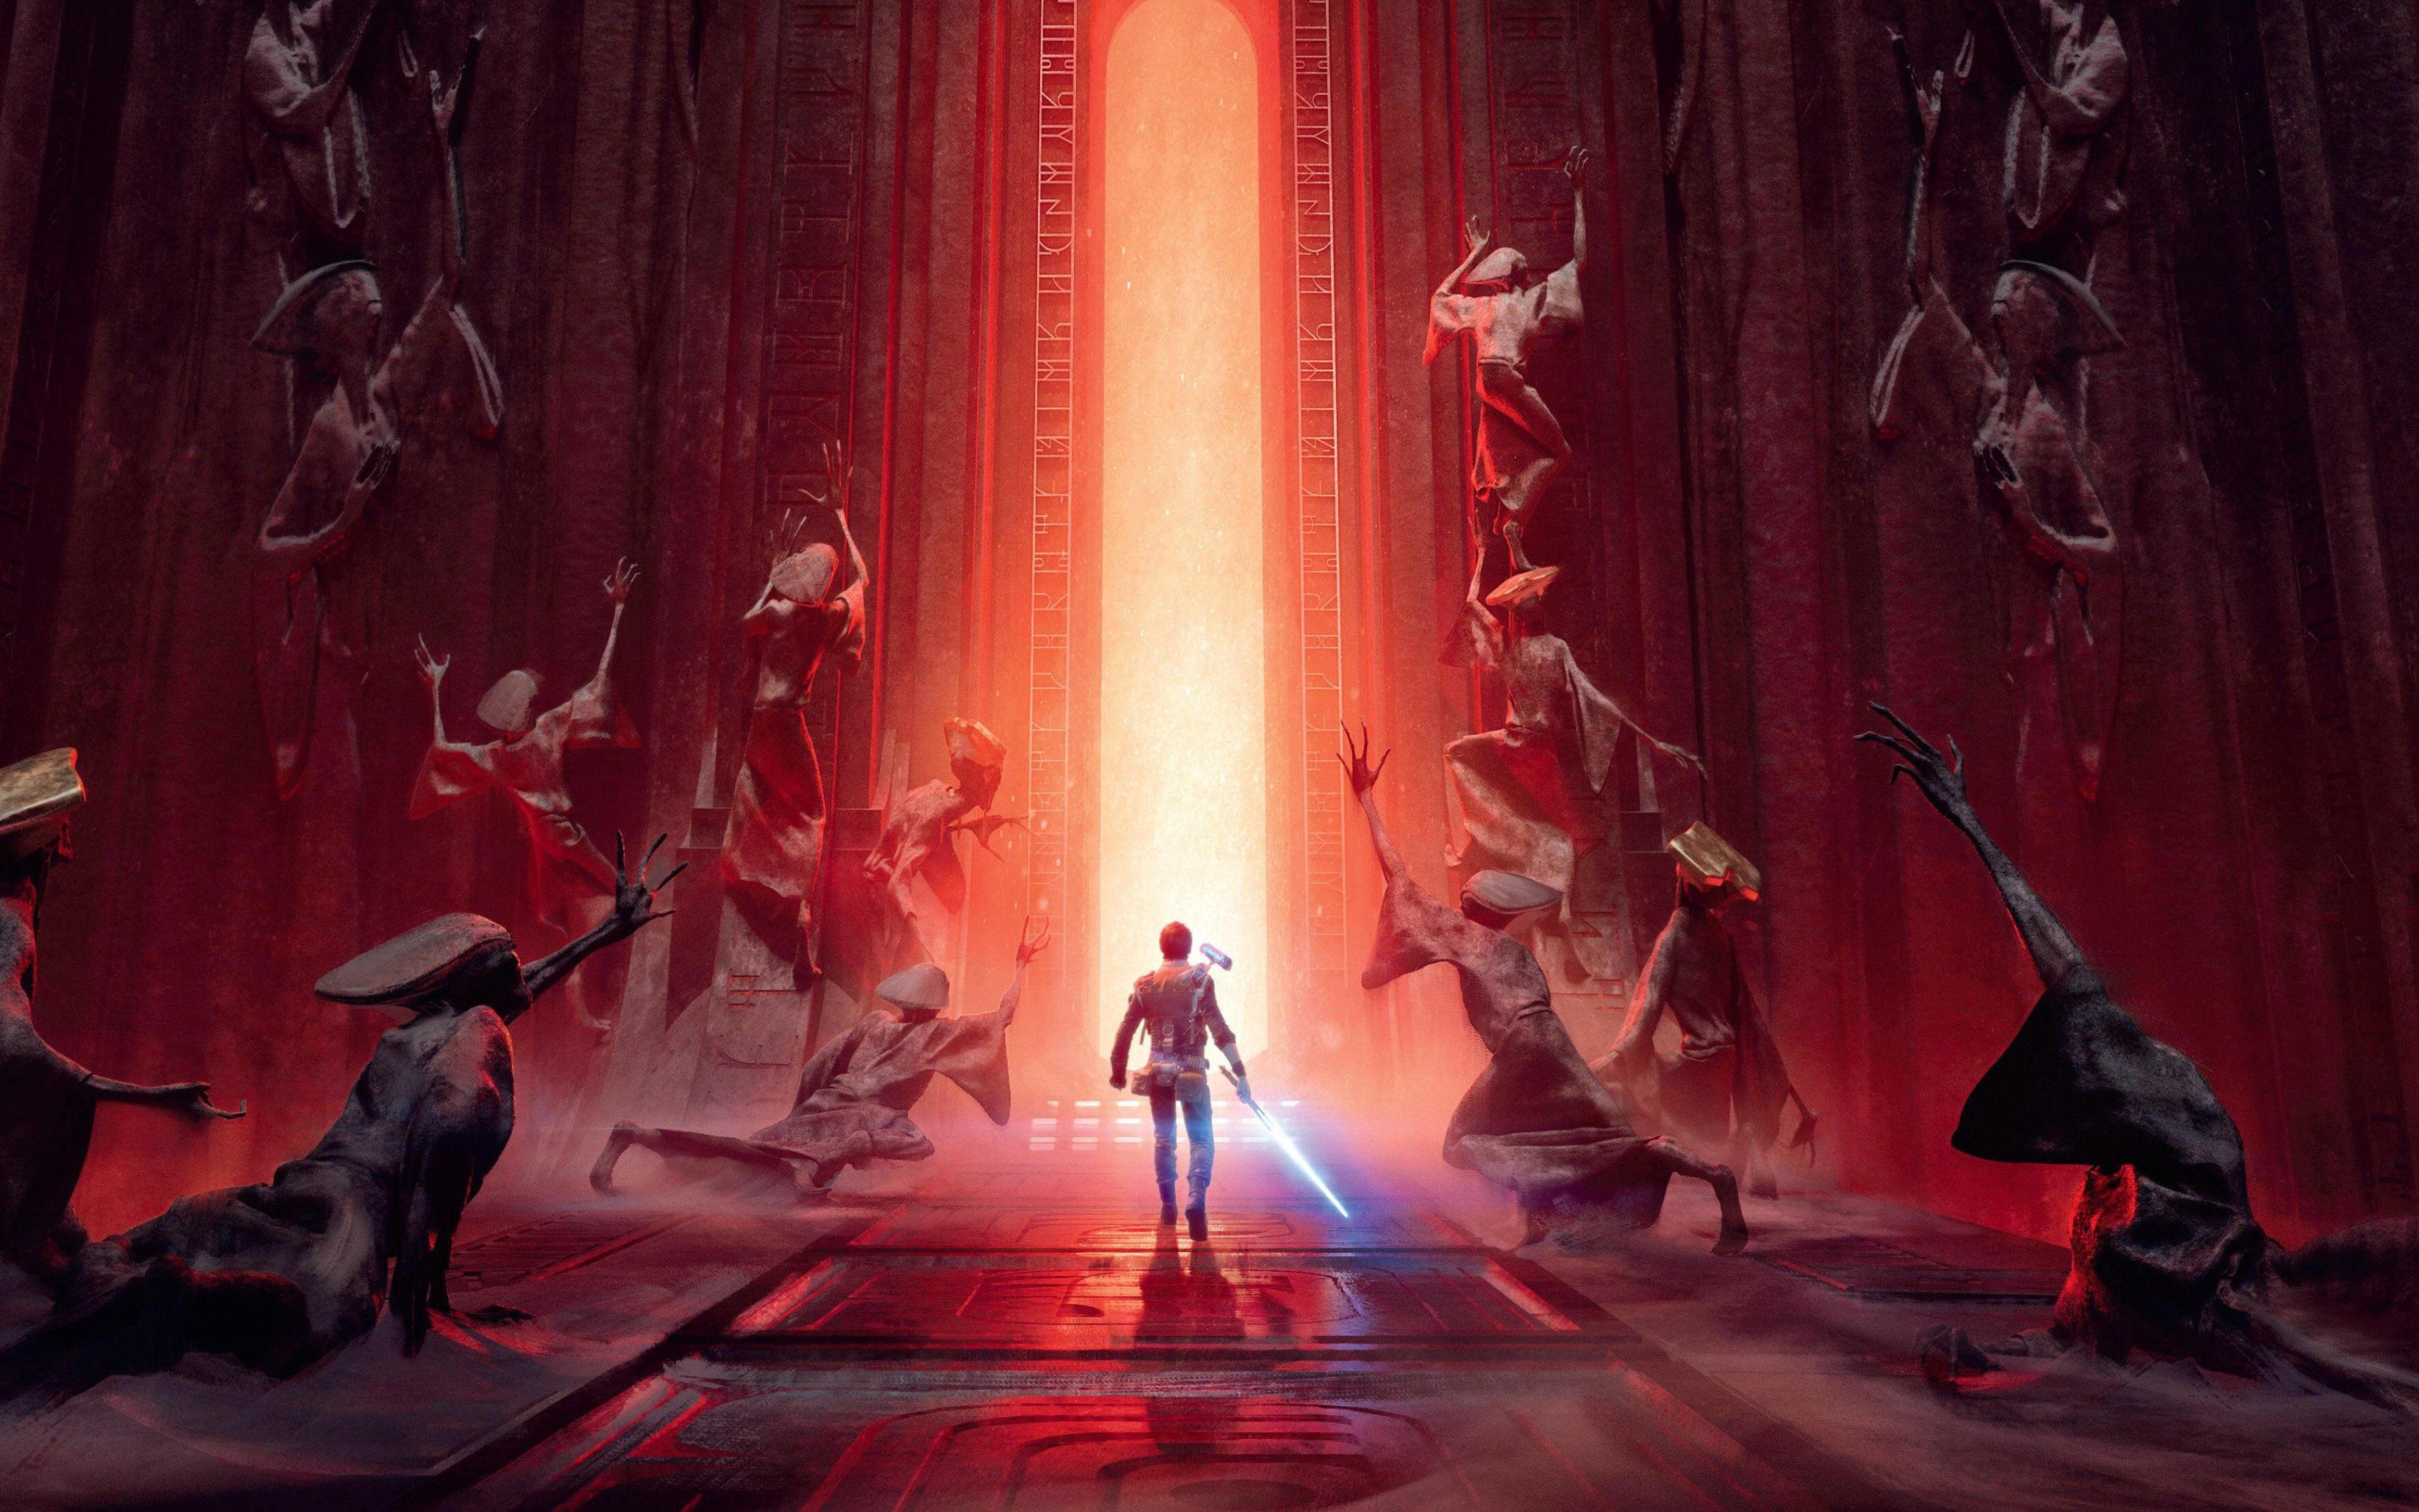 4K Poster Of Star Wars Jedi Fallen Order Wallpaper, HD ...